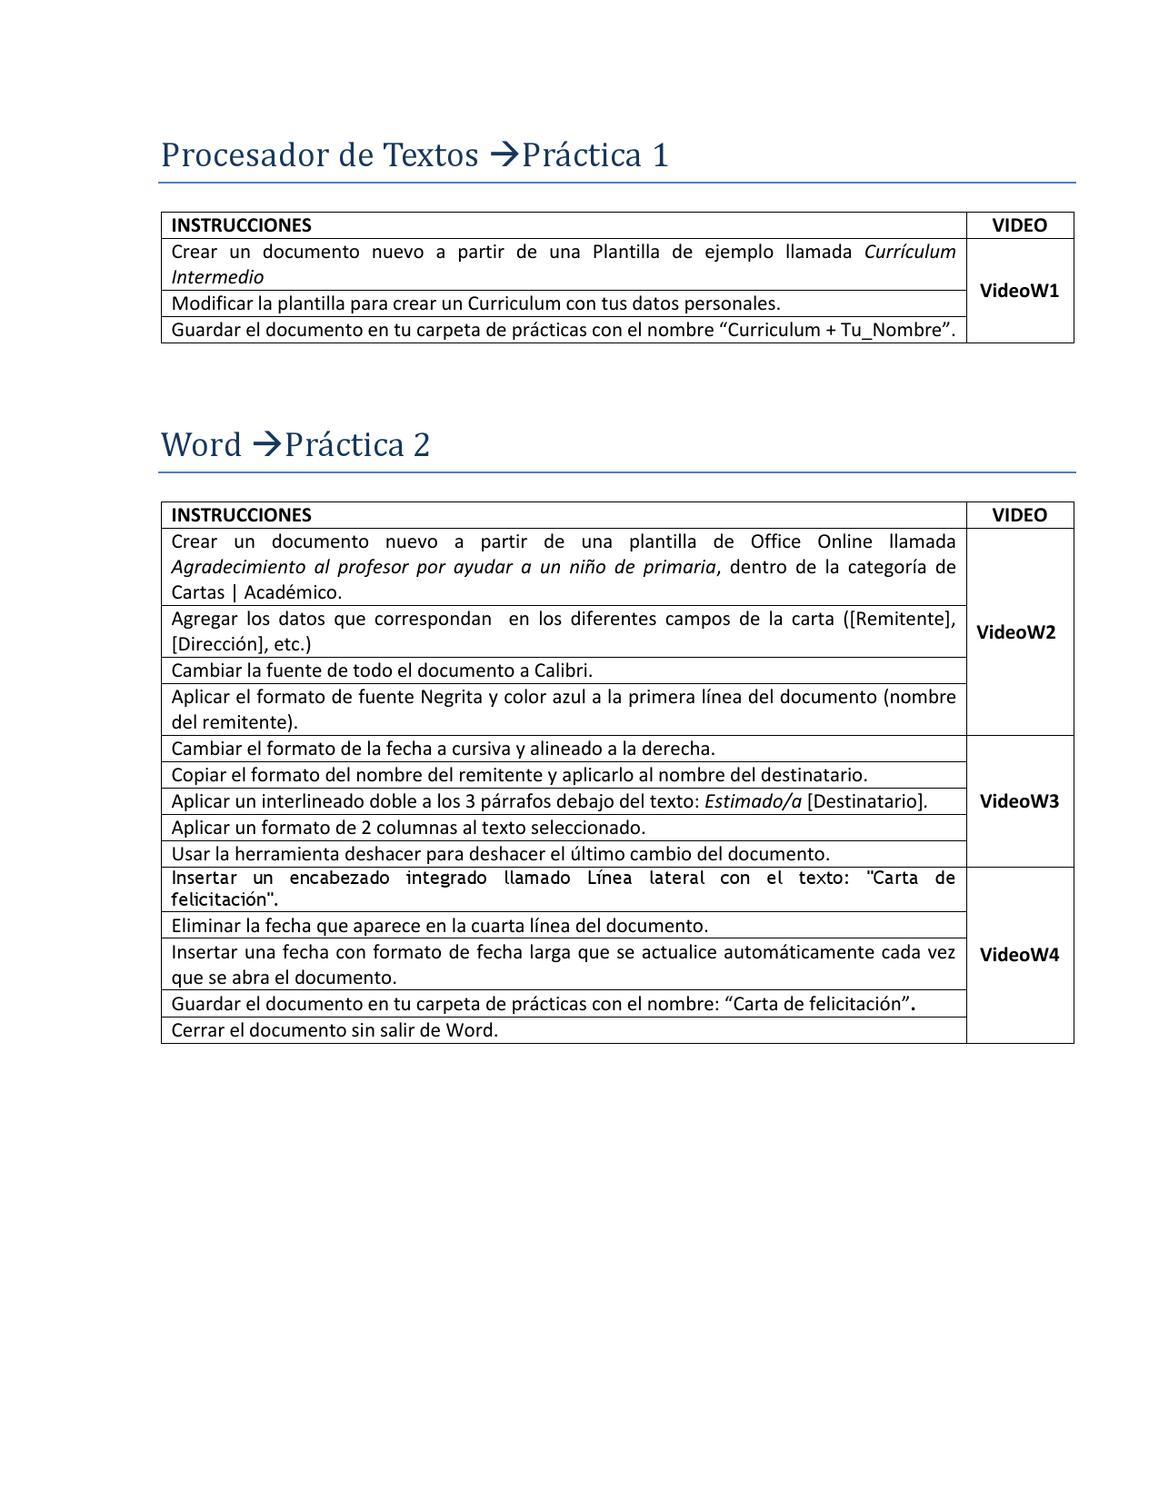 una practica de word by Aide Nogueda - issuu